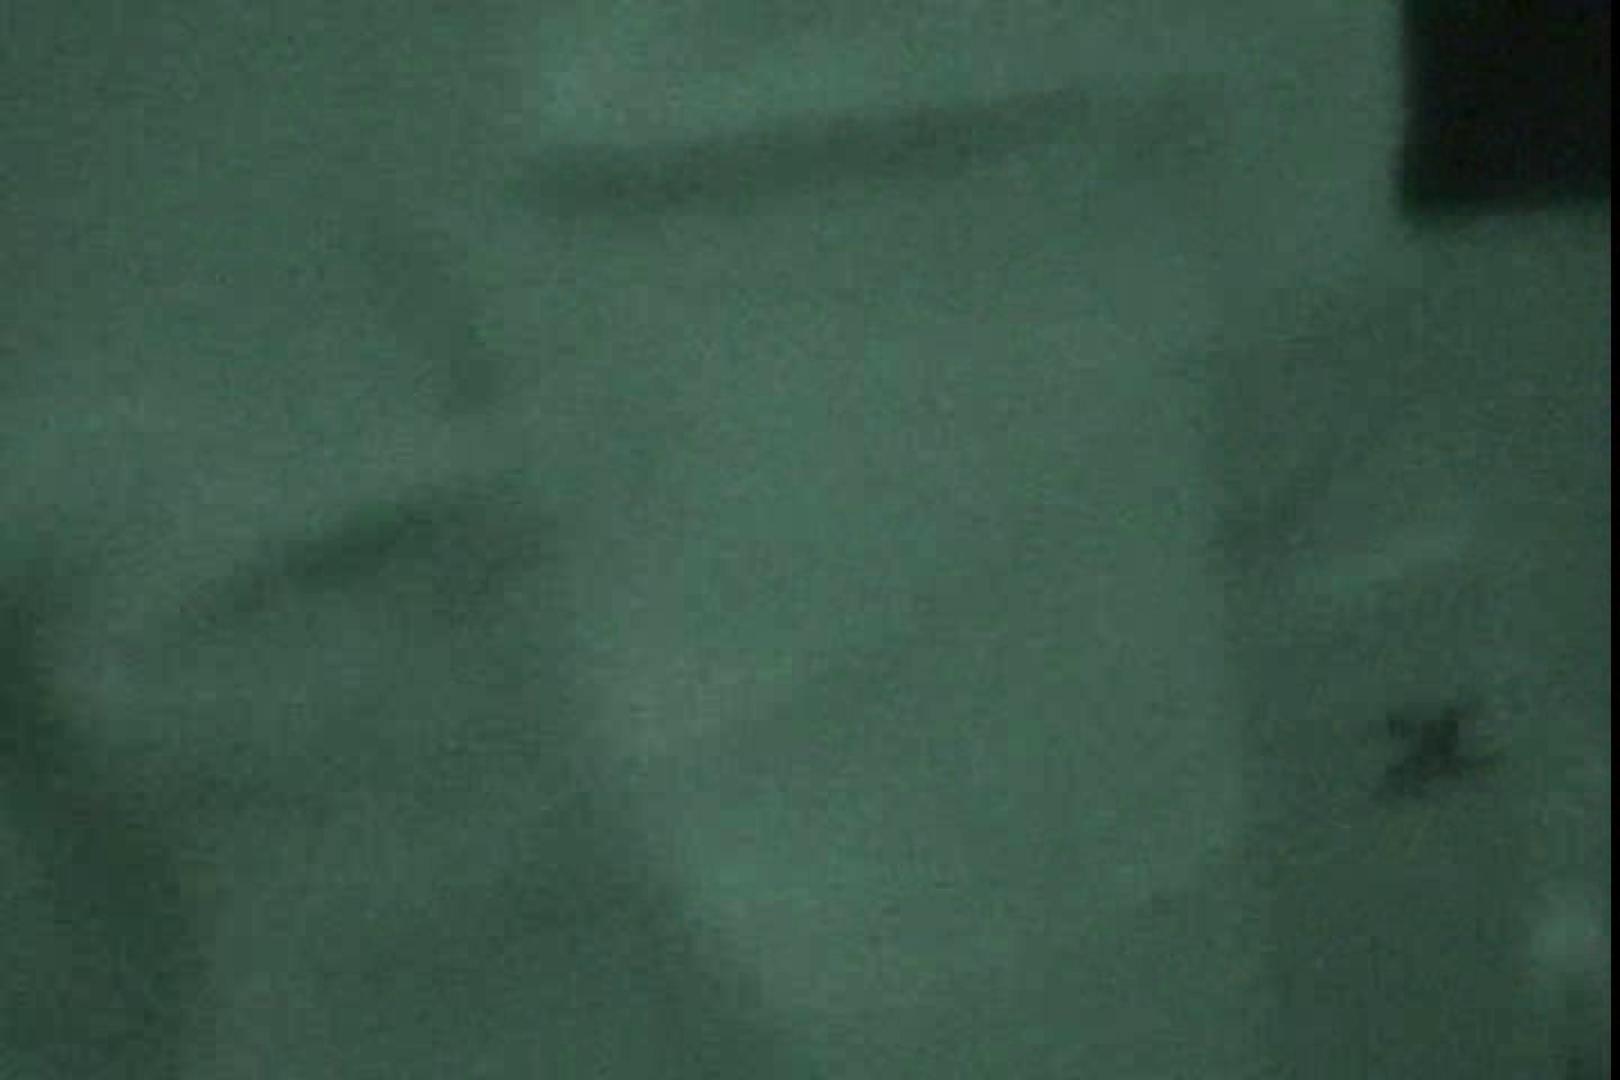 赤外線ムレスケバレー(汗) vol.11 赤外線  95PIX 92